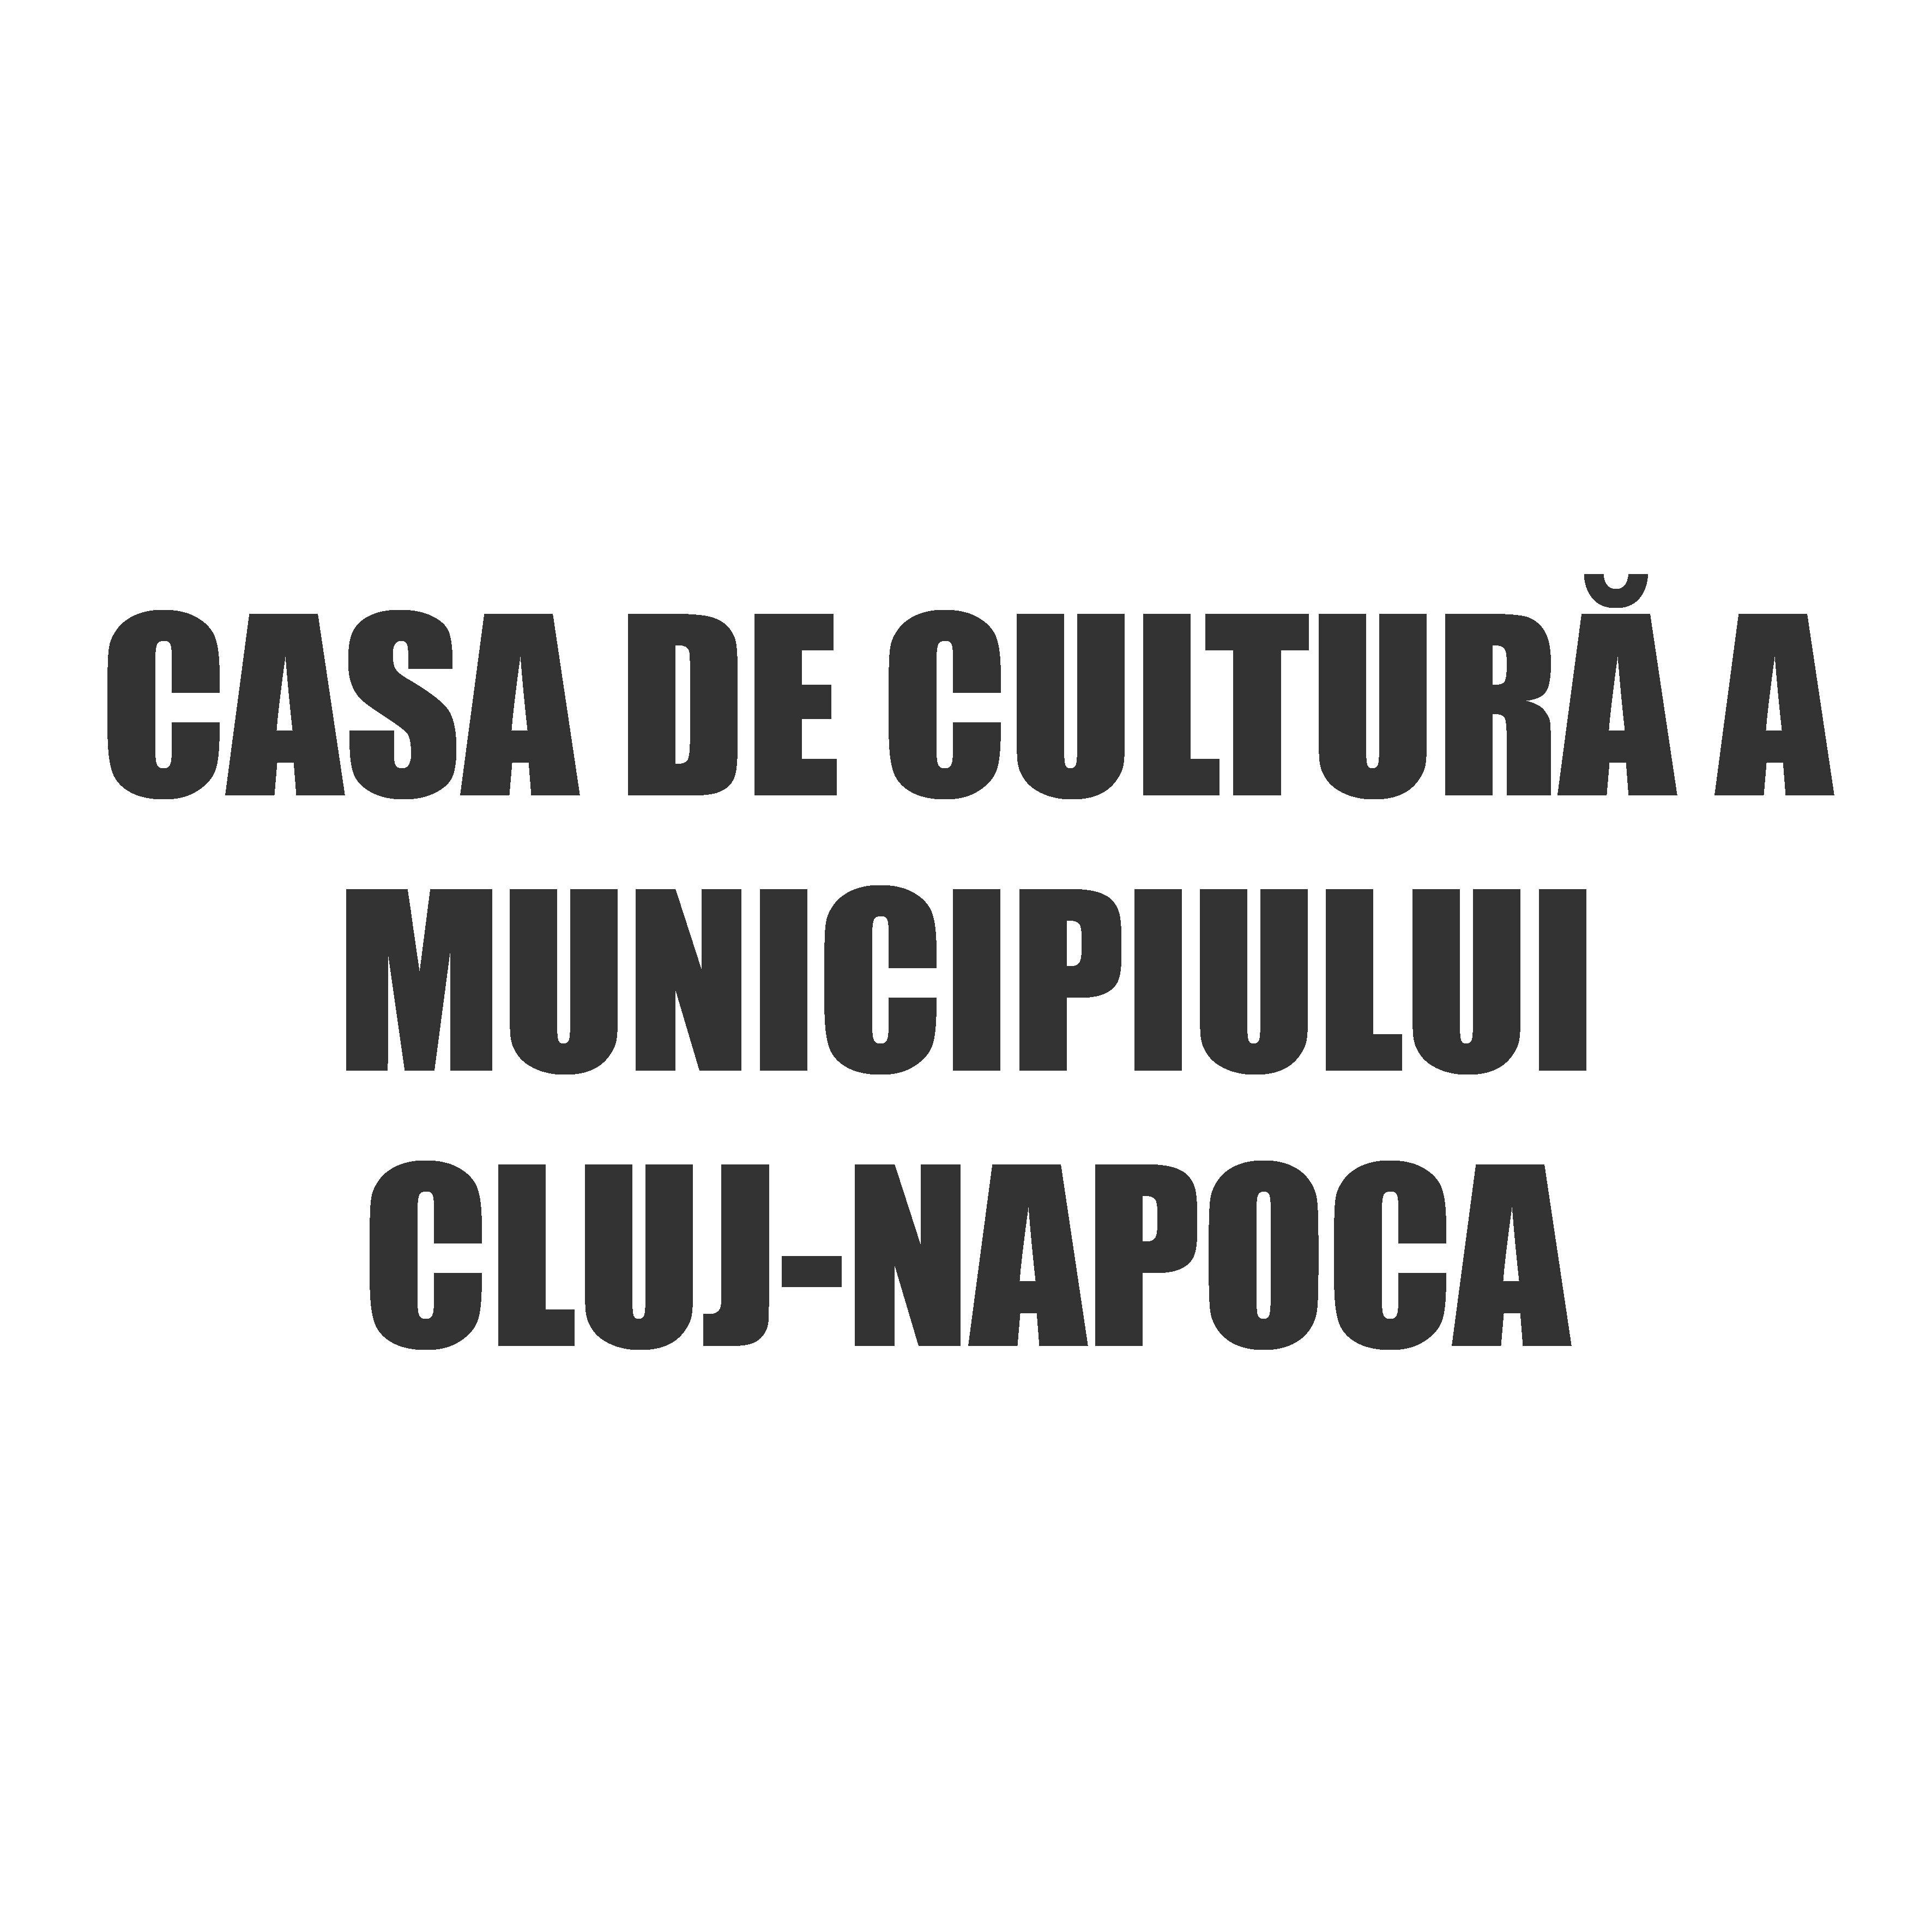 Casa de Cultură a Municipiului Cluj-Napoca